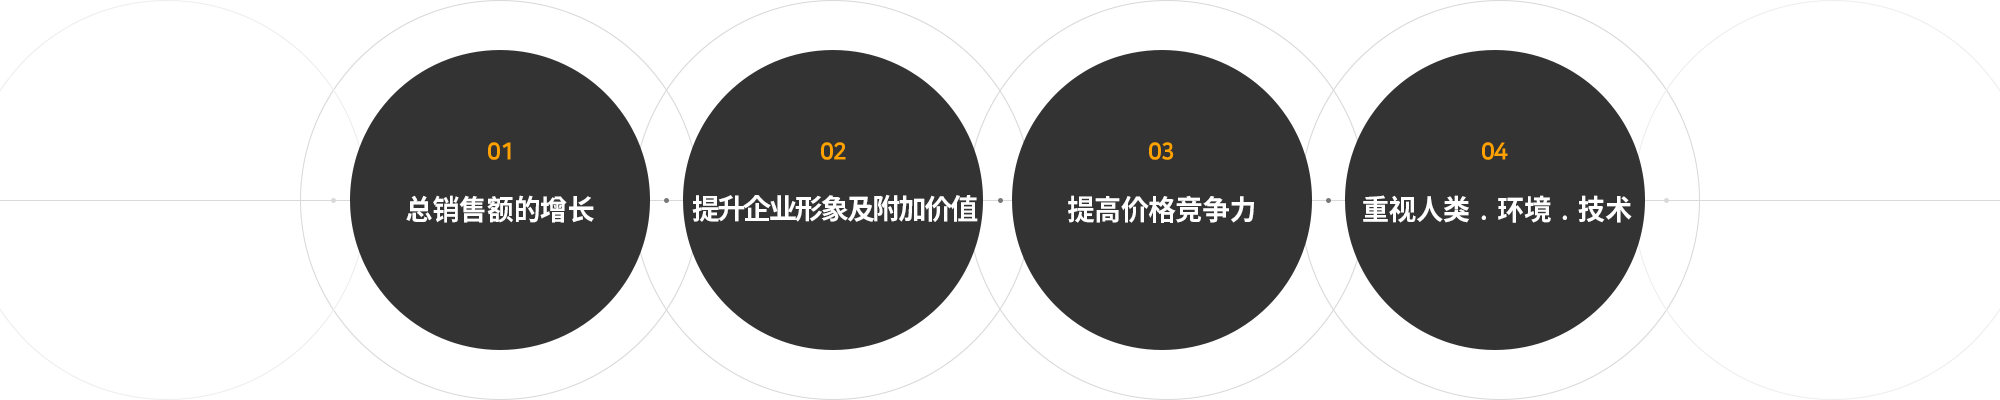 01전체 매출 신장|02기업 이미지 및 부가가치 상승|03가격 경쟁력 상승|04인간·환경·기술 중시